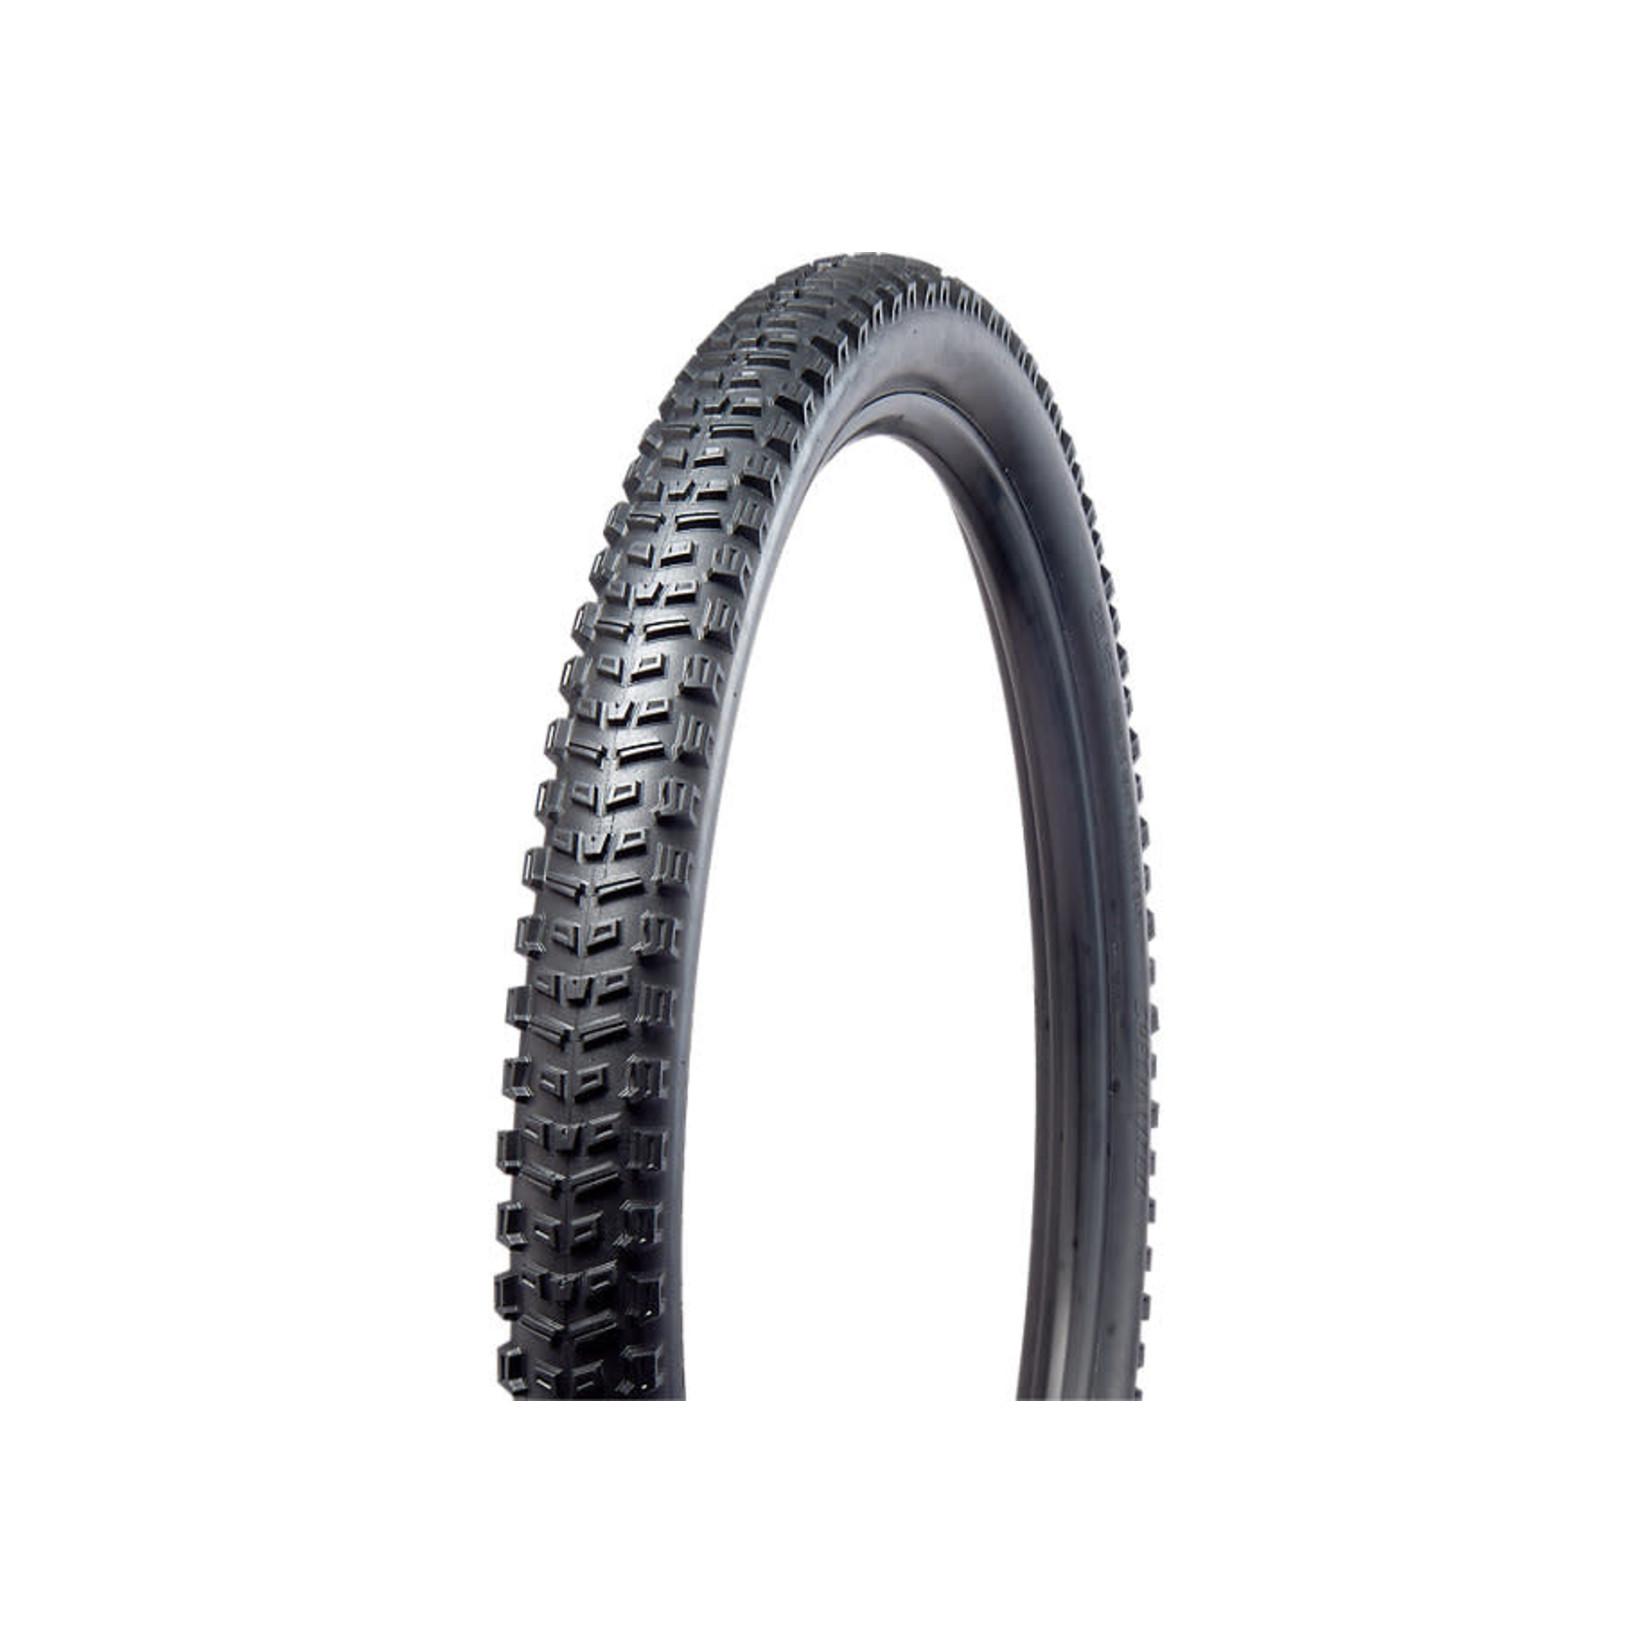 Specialized Specialized Purgatory Folding Bead Tire, 29 x 2.3